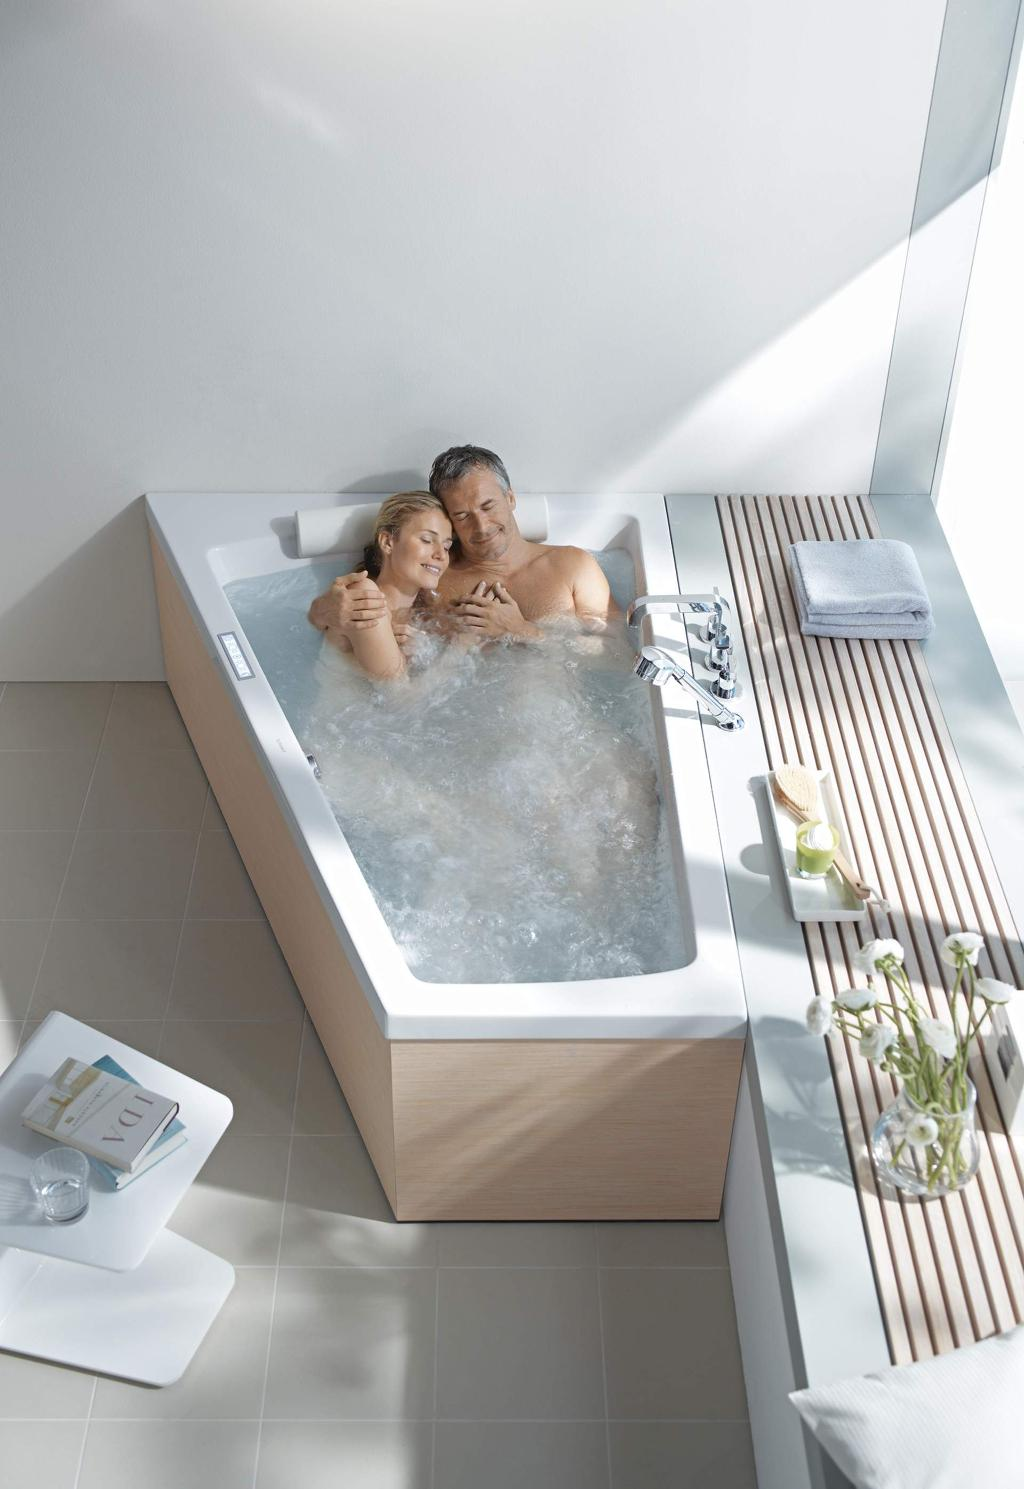 duravit paiova: die badewanne für zwei   duravit, Hause ideen